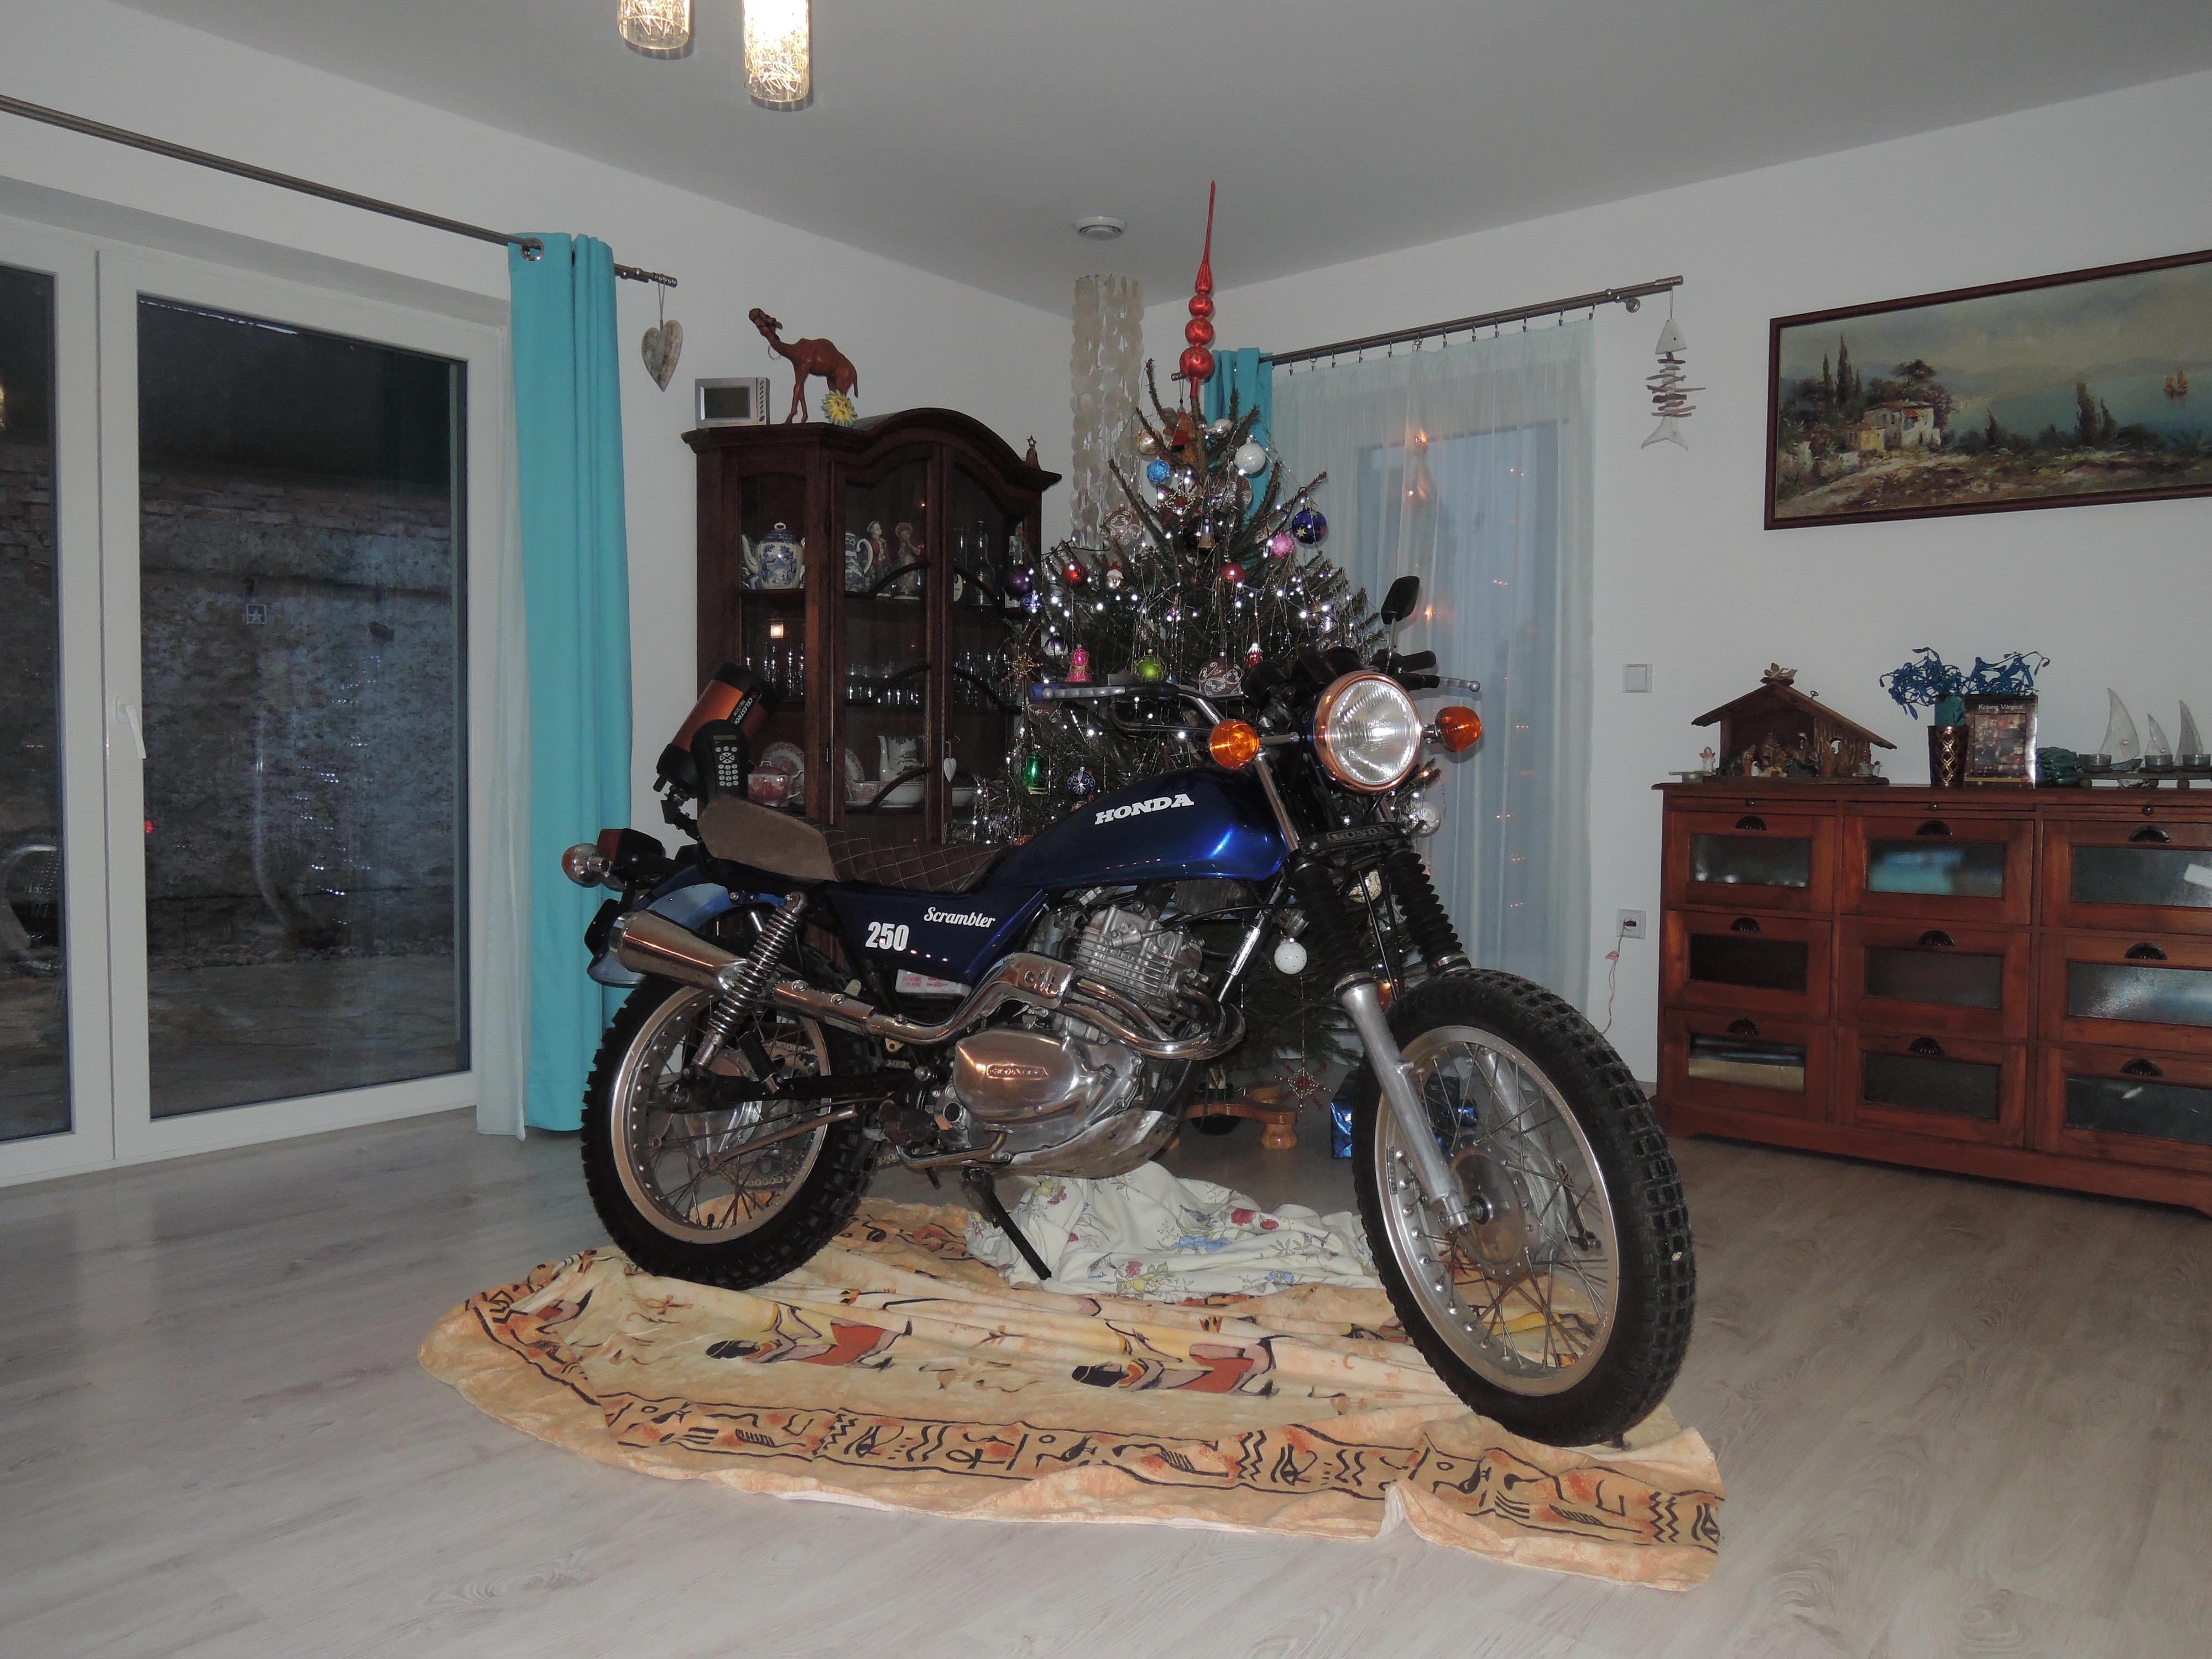 Honda Scrambler 250 pod vánočním stromkem